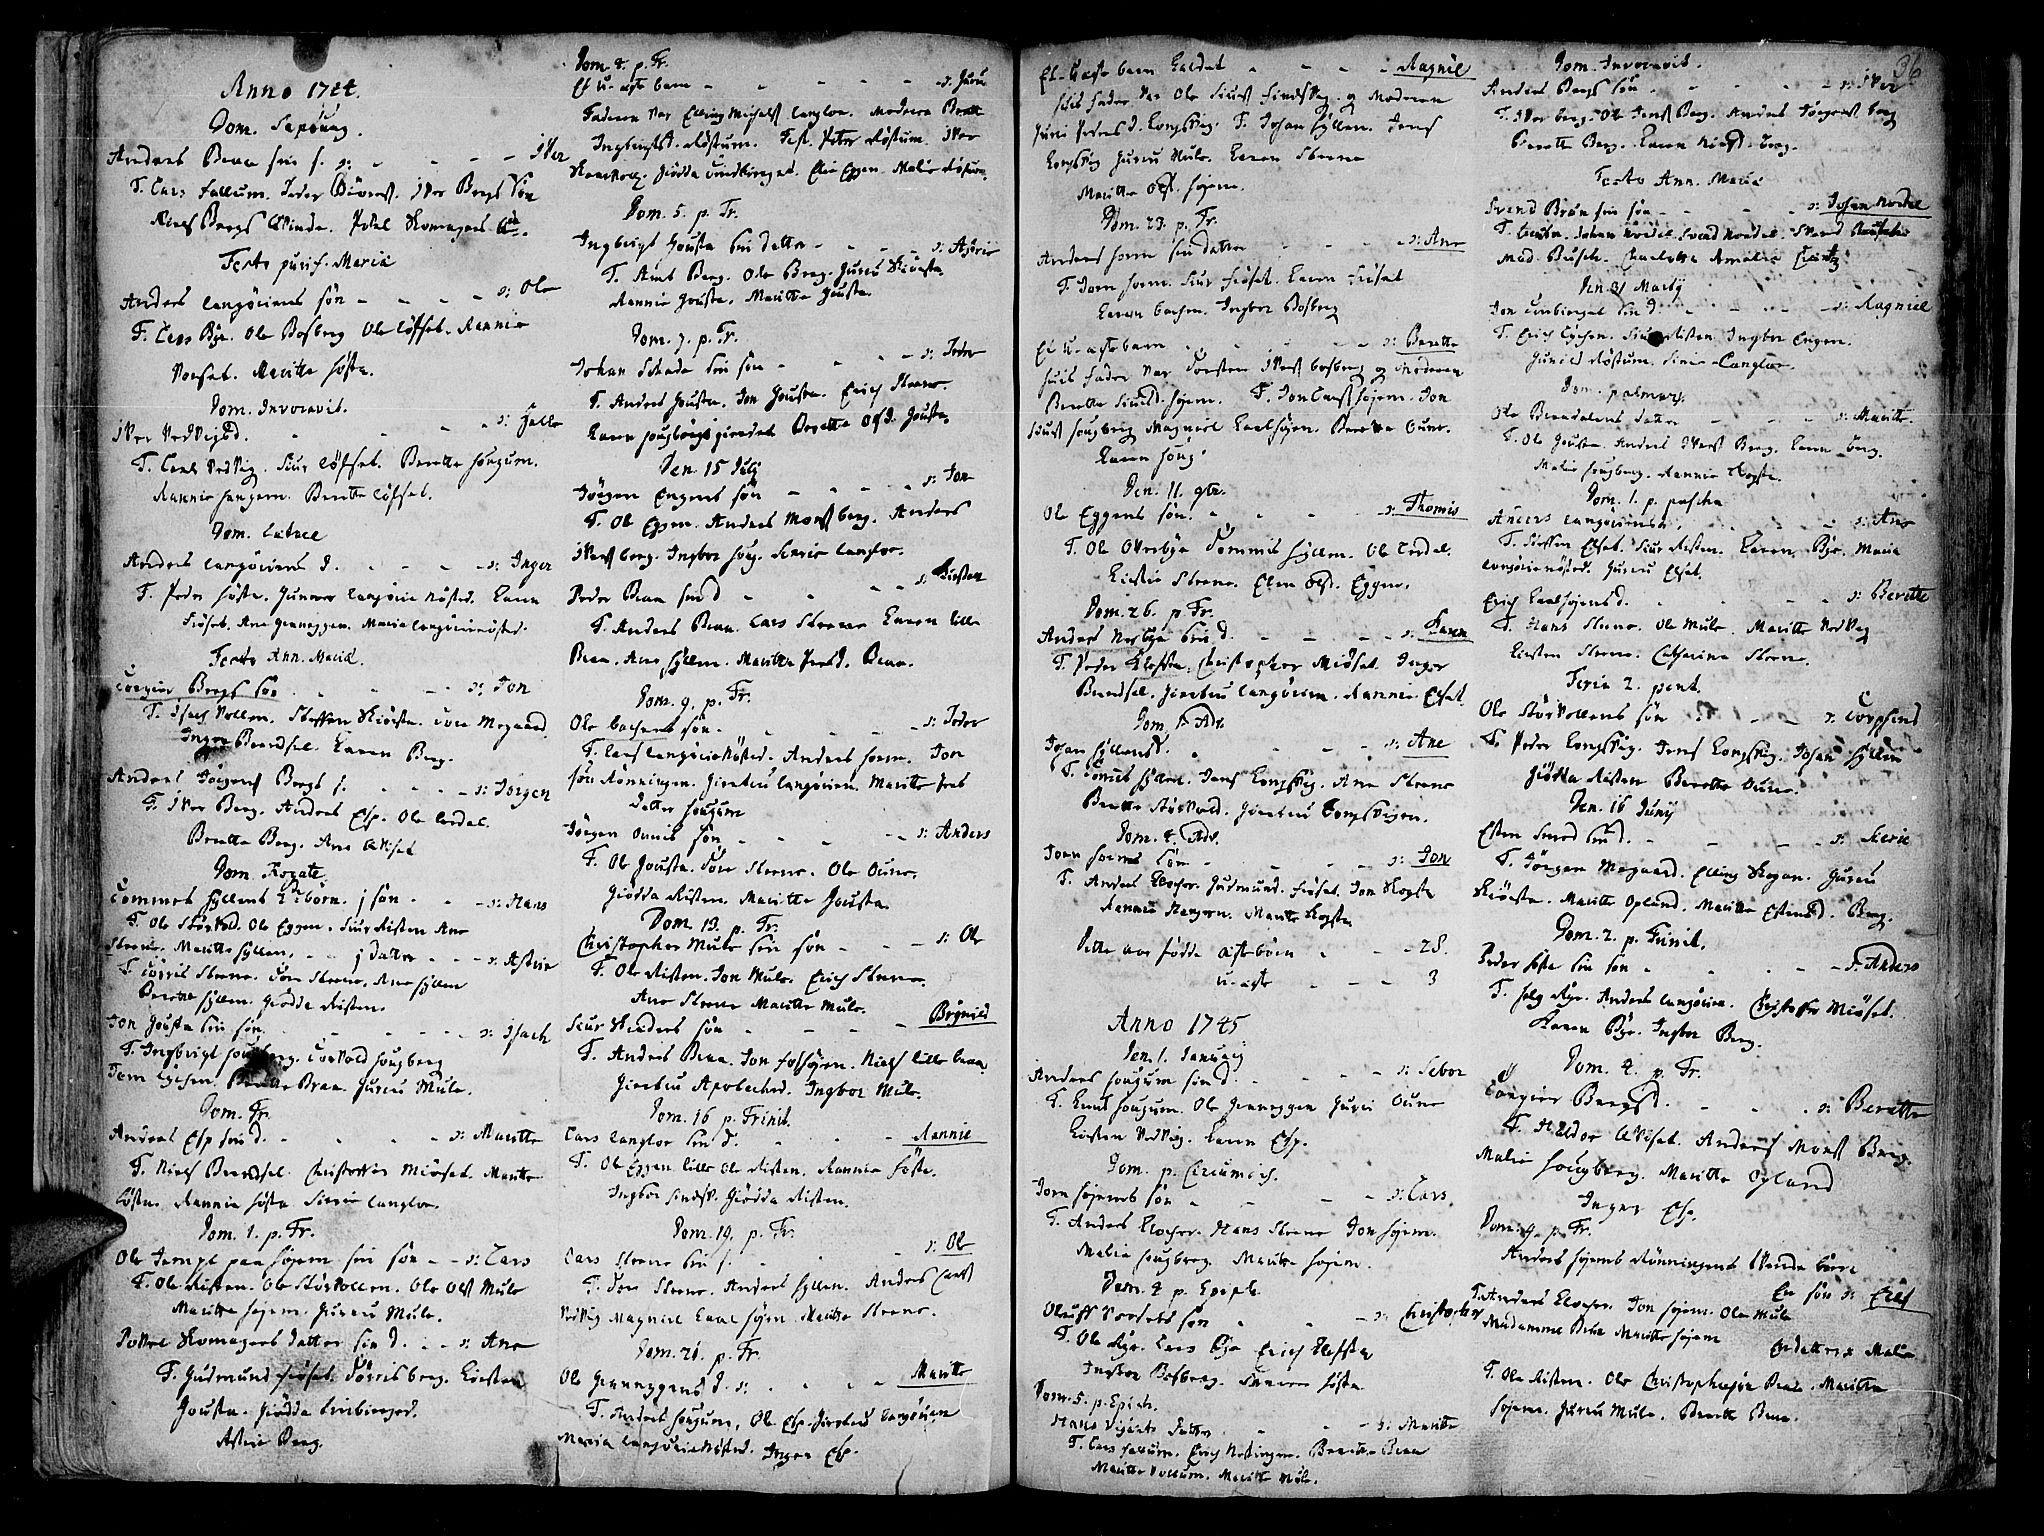 SAT, Ministerialprotokoller, klokkerbøker og fødselsregistre - Sør-Trøndelag, 612/L0368: Ministerialbok nr. 612A02, 1702-1753, s. 36